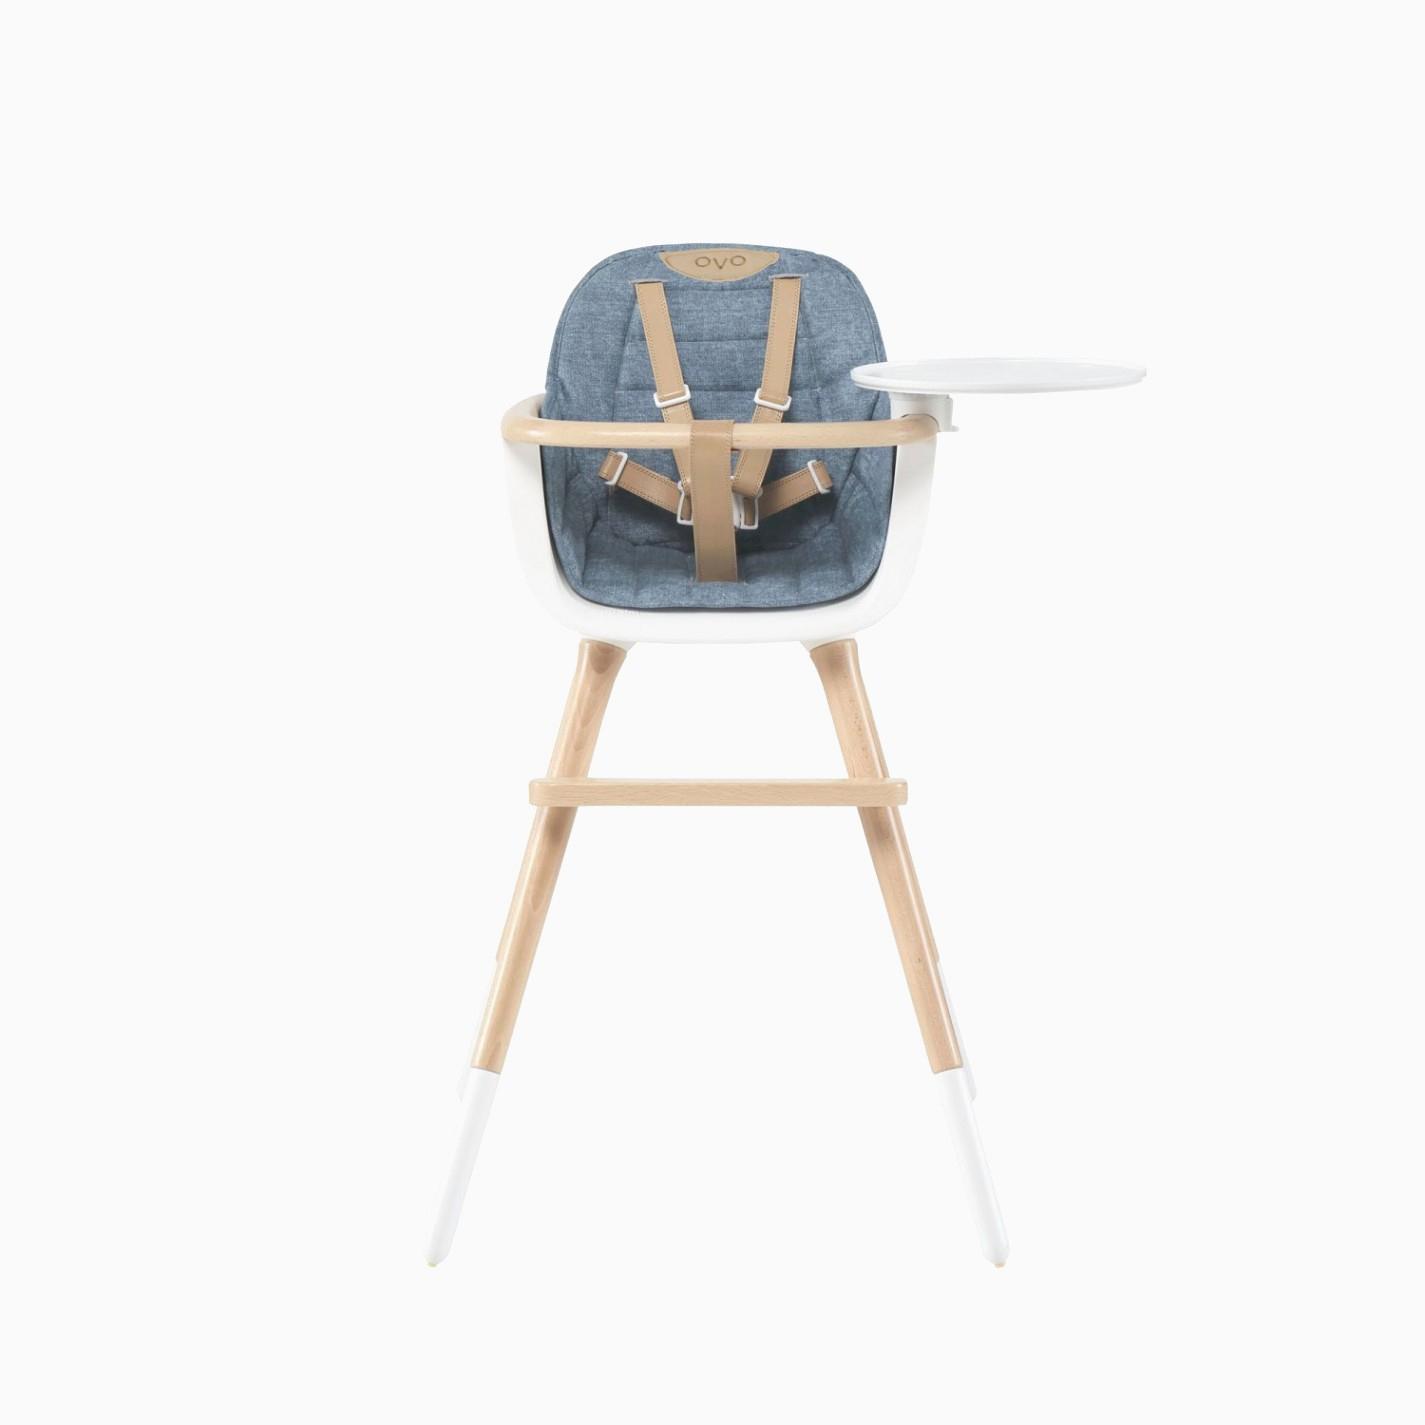 Table De Jardin Intermarché Prestigieuse Luxe Chaise Bébé avec Intermarché Table De Jardin